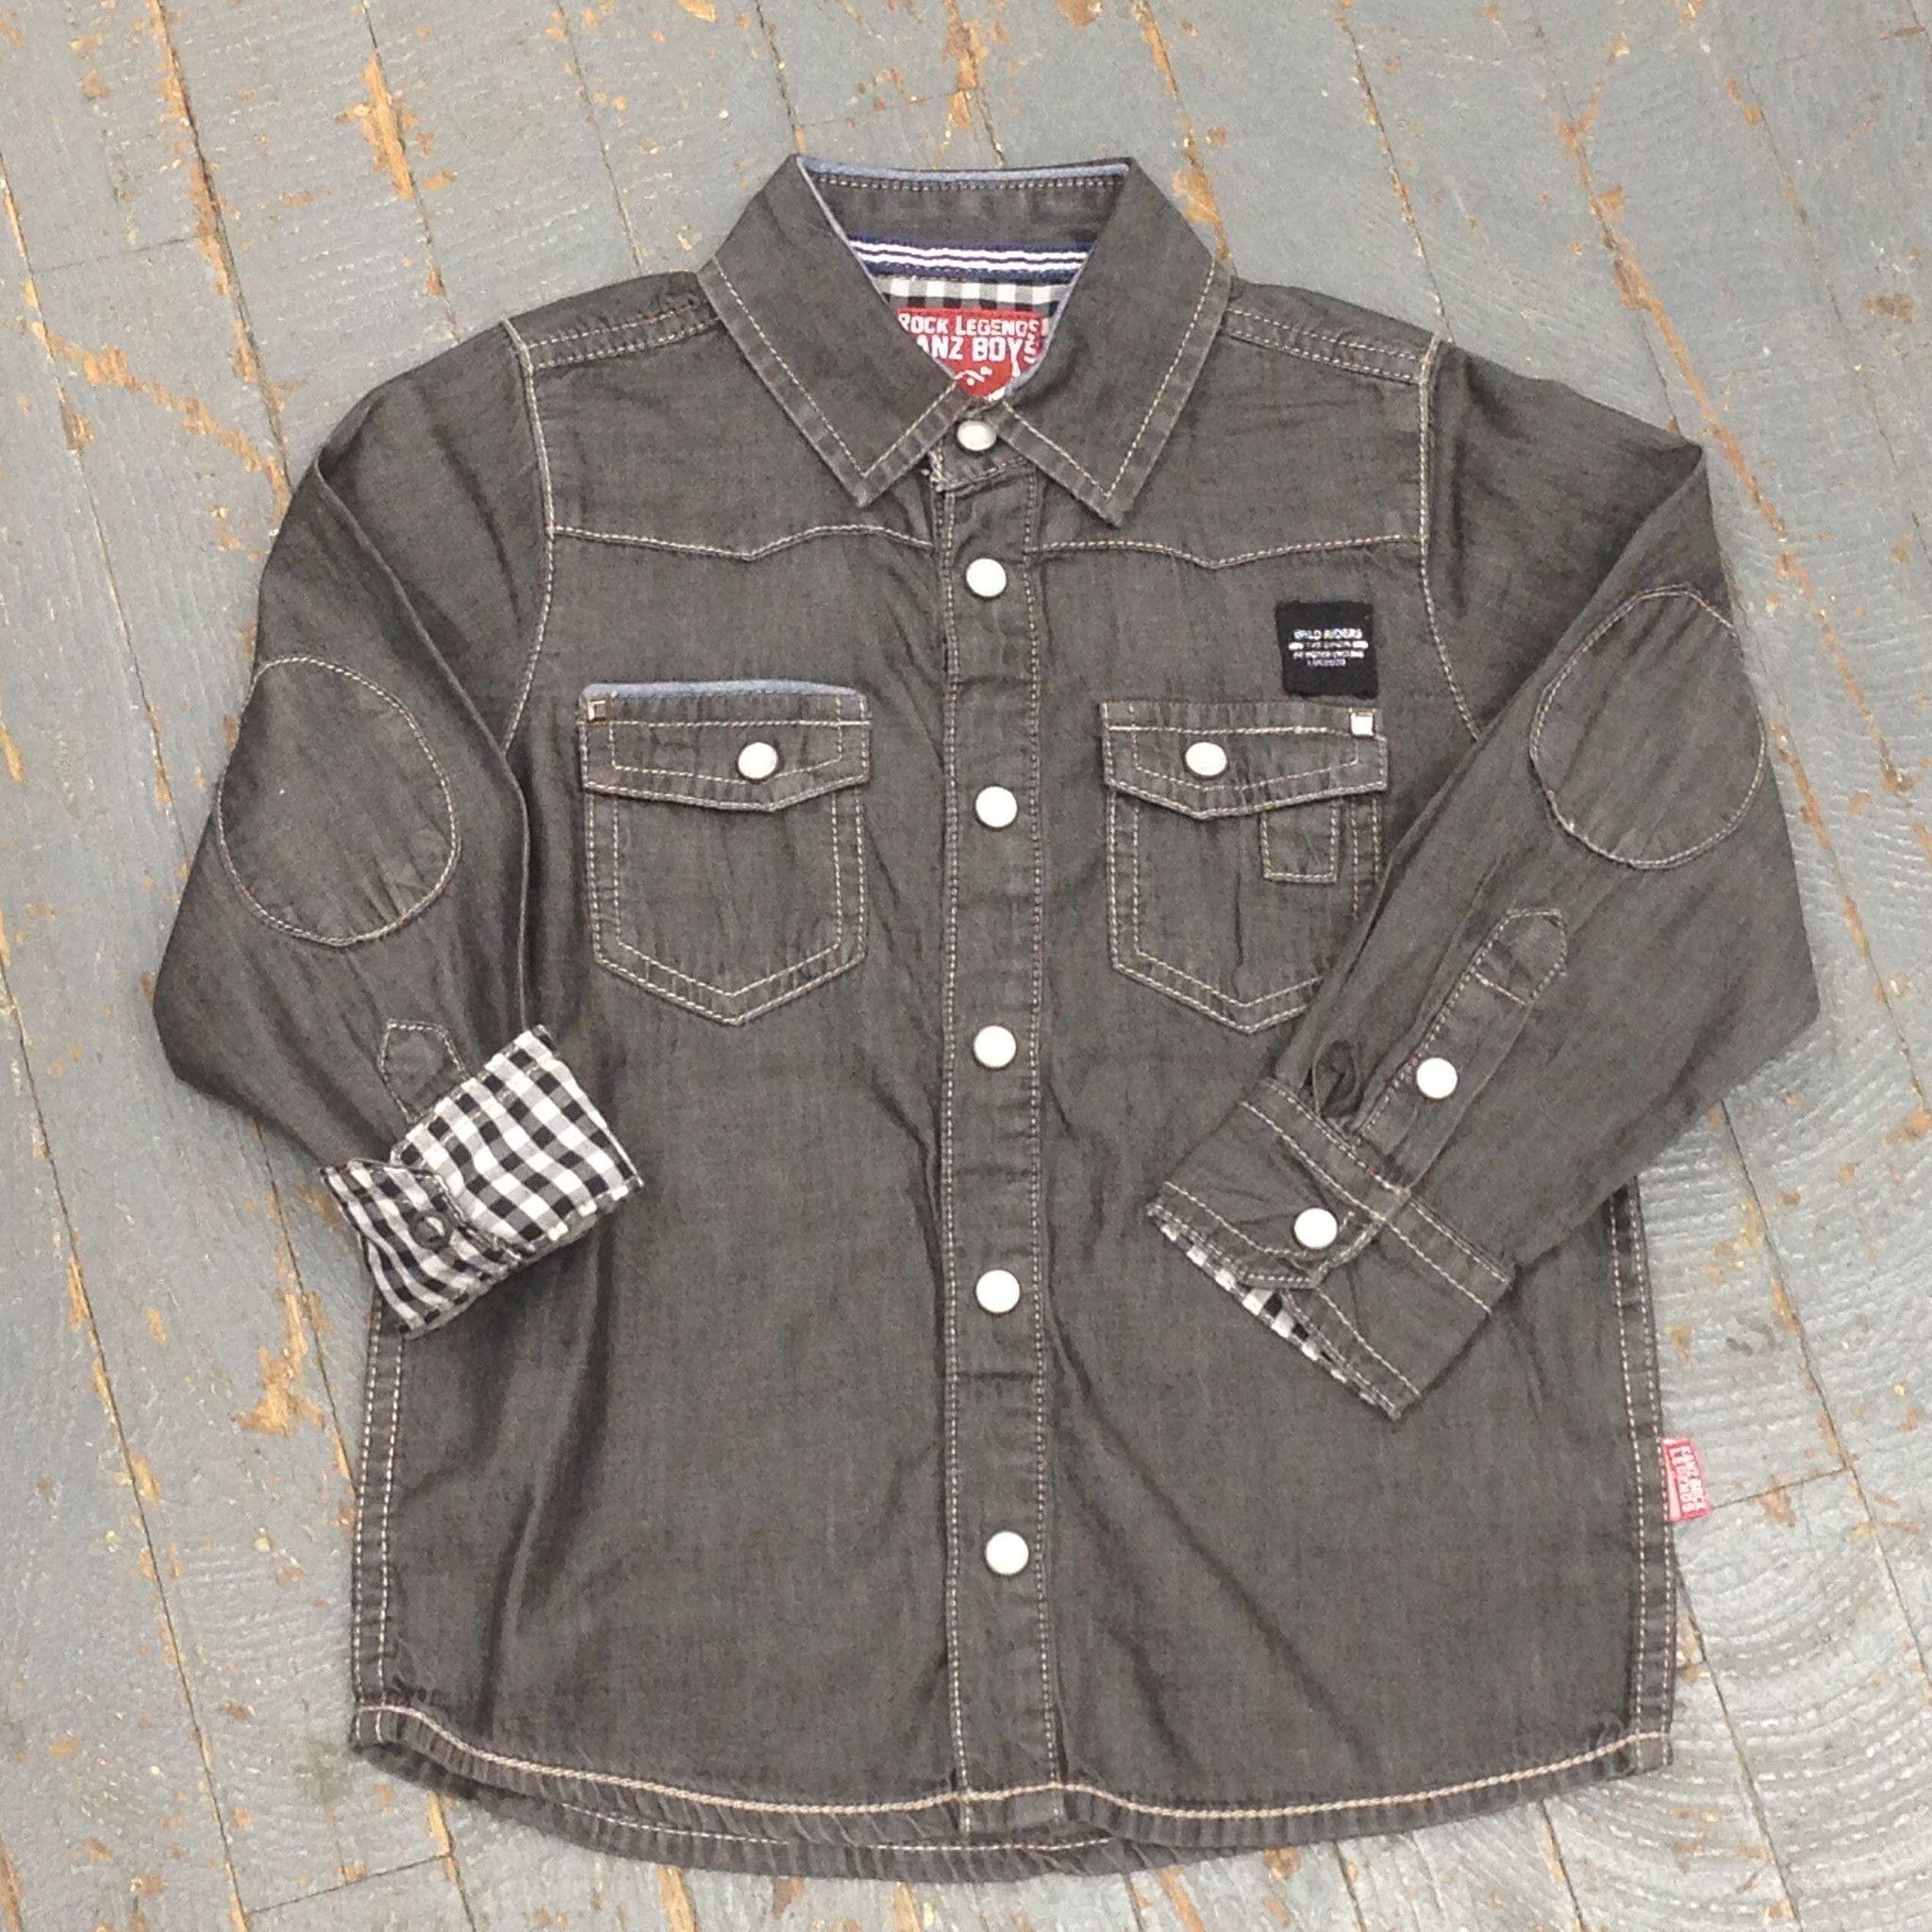 Kanz Junior Boys Rock Legend Biker Style Long Sleeve Button Up Collared Black Denim Shirt